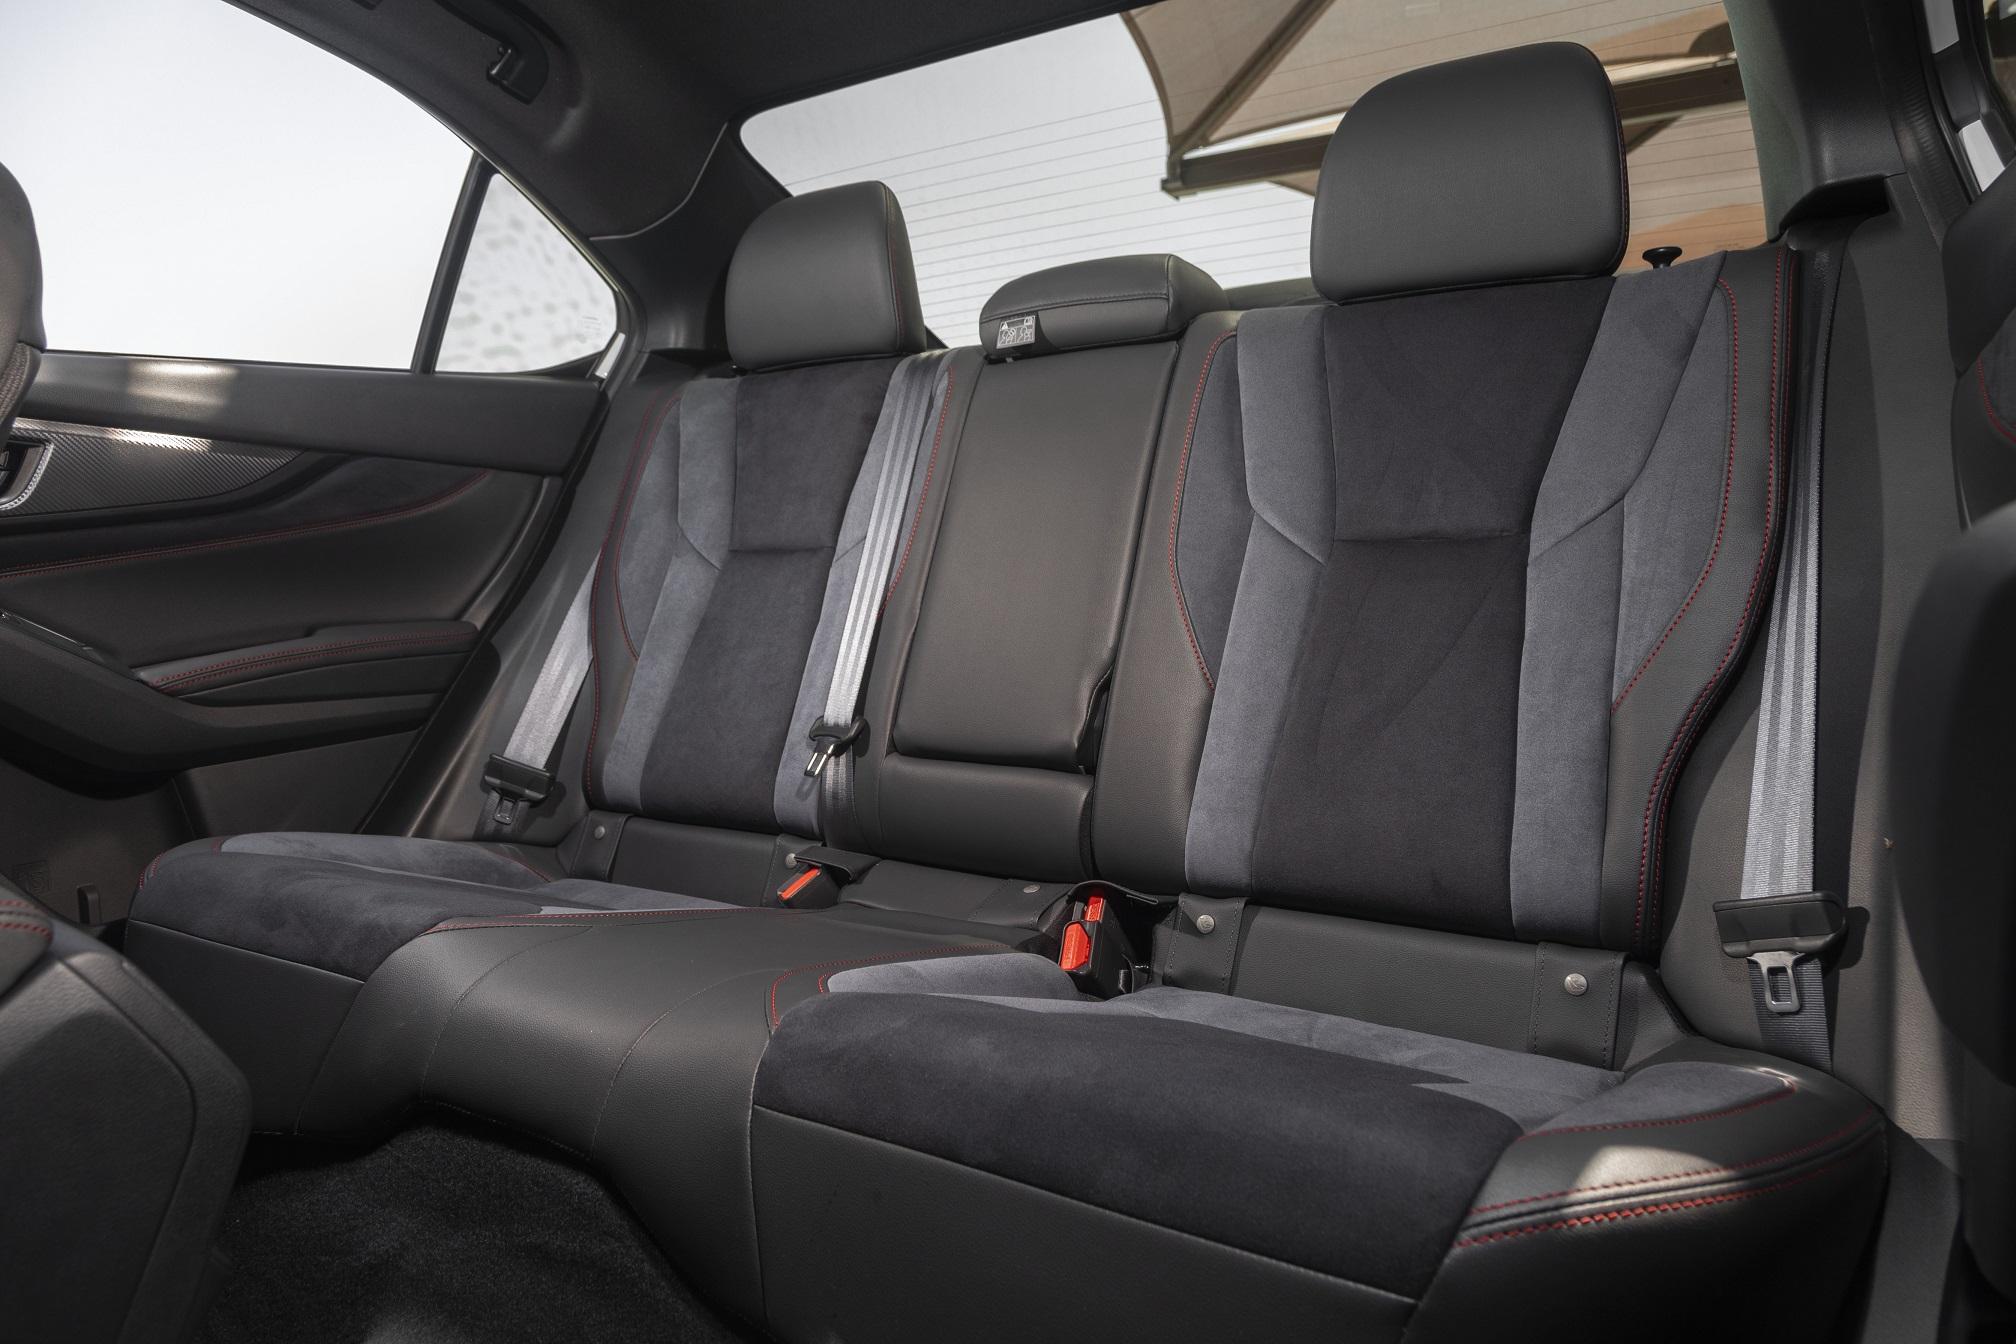 WRX S4 後部座席、リヤシート